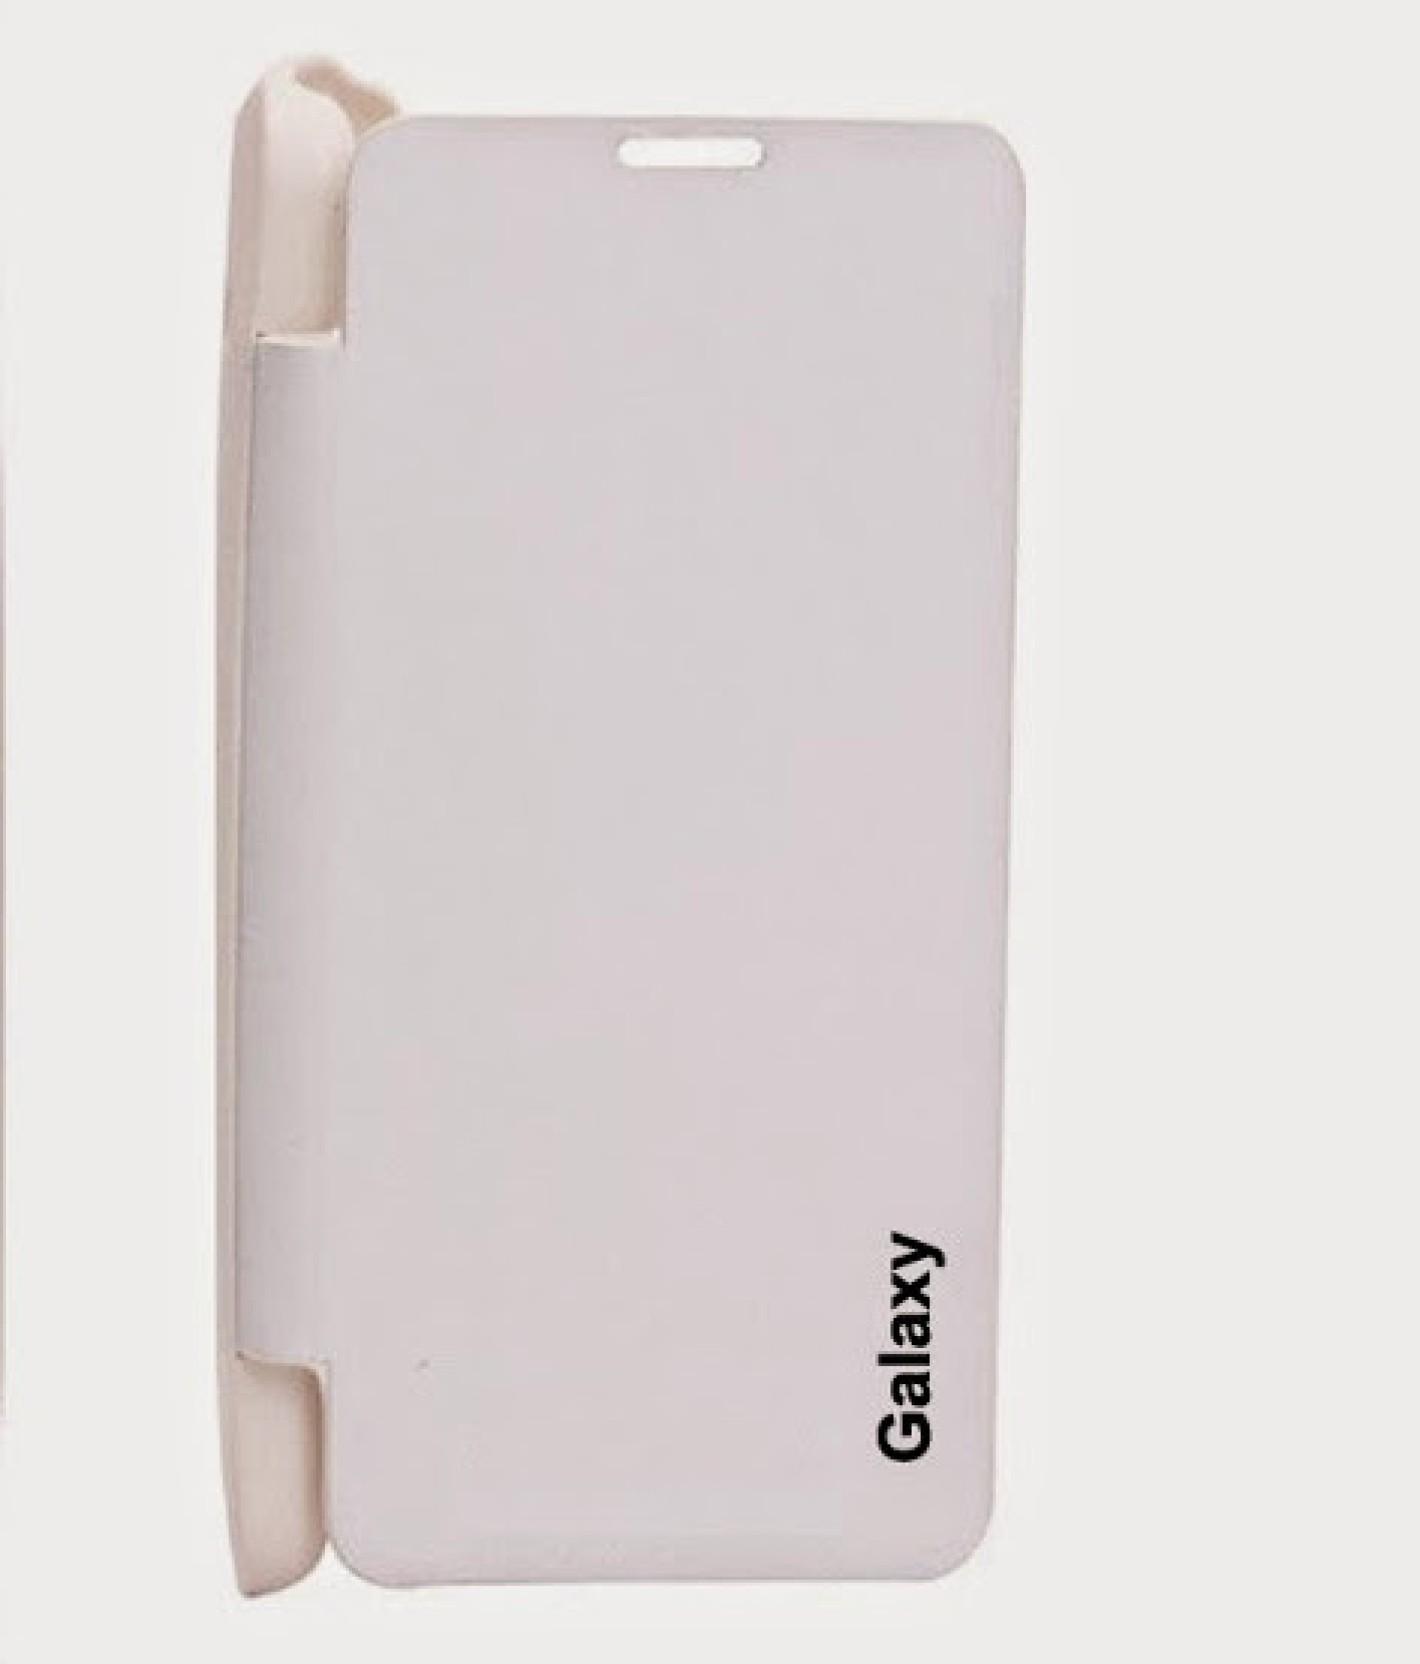 G4U Flip Cover for Samsung Galaxy Star Advance SM-G350 ...